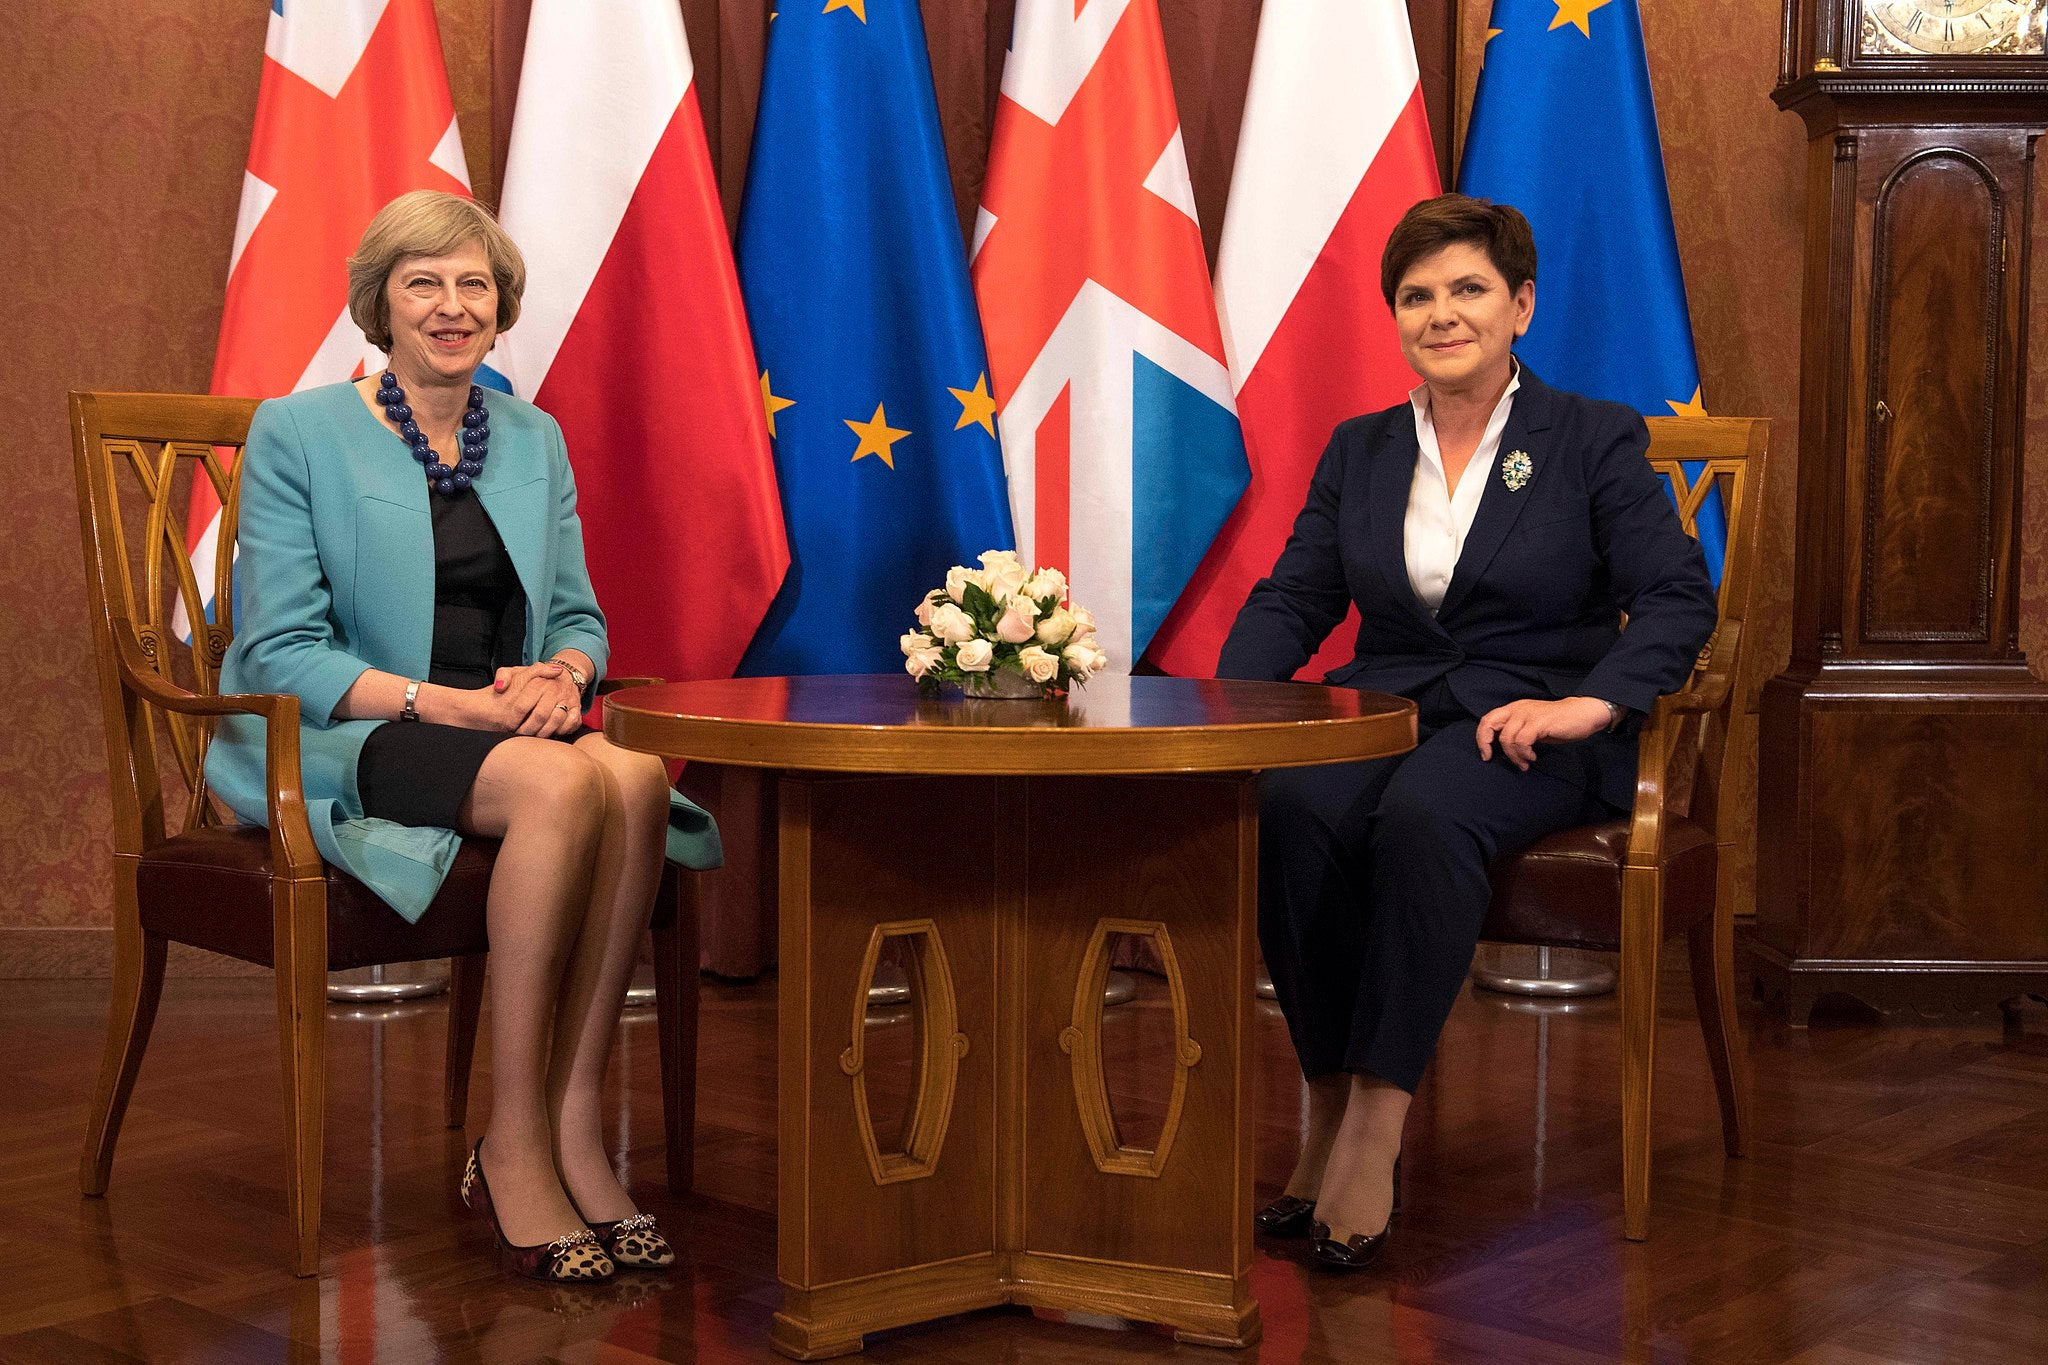 Theresa May in Poland, 2016